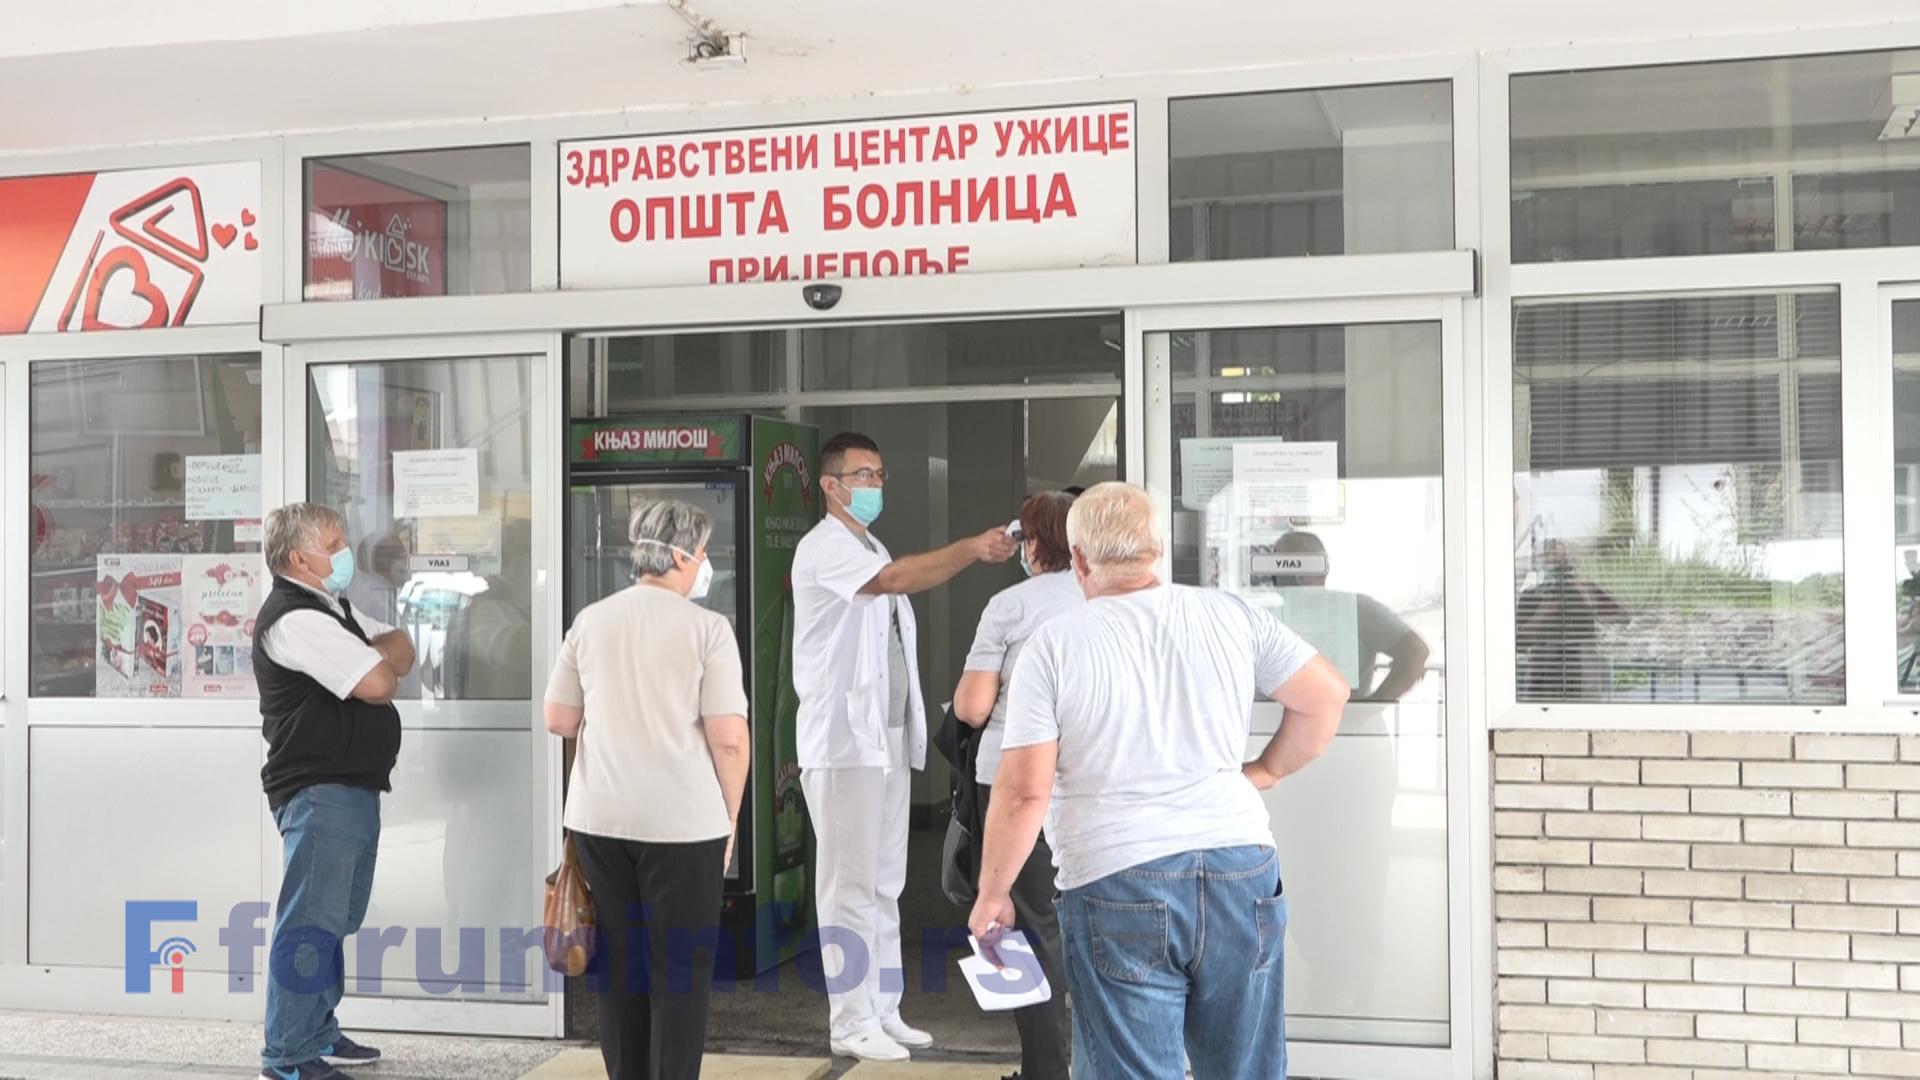 Отворено Ковид одељење при Општој болници Пријепоље